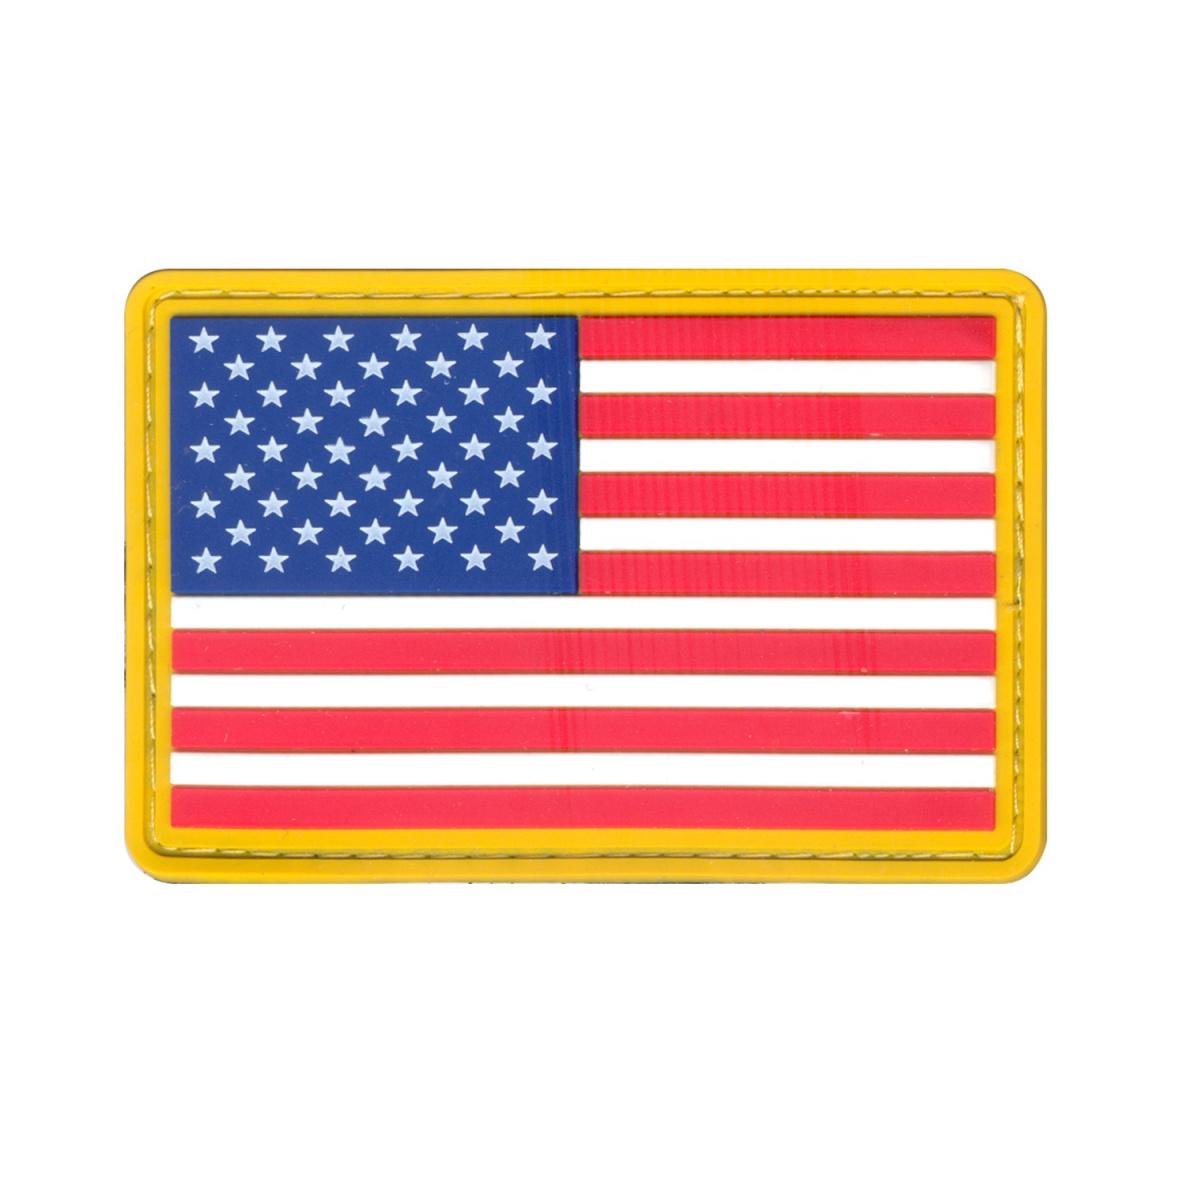 Nášivka US vlajka velcro BAREVNÁ žlutý lem - zvìtšit obrázek